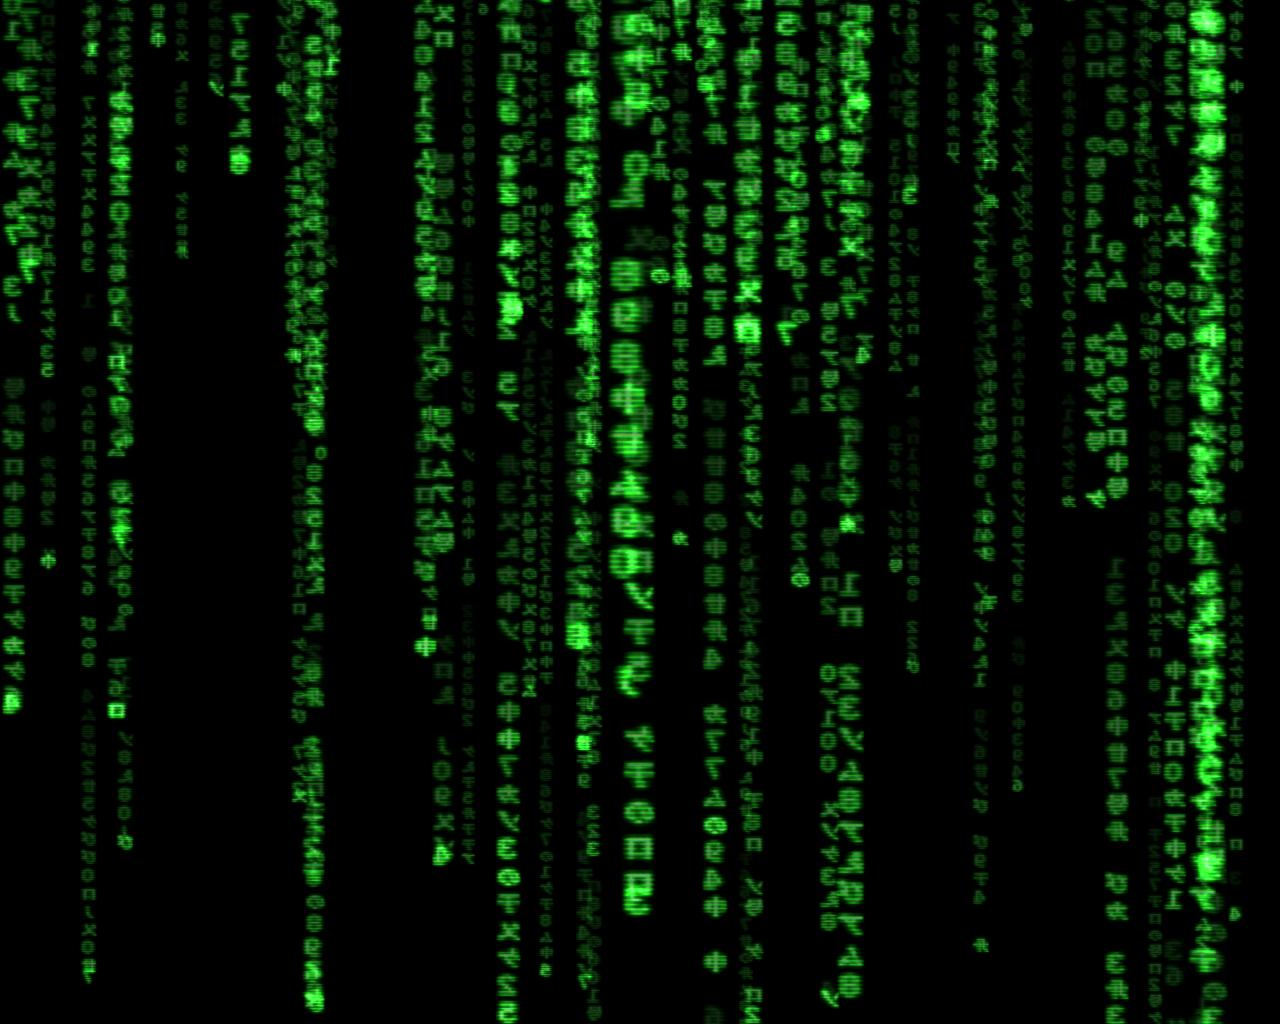 우주는 외계인들이 설계한 컴퓨터 시뮬레이션이다.